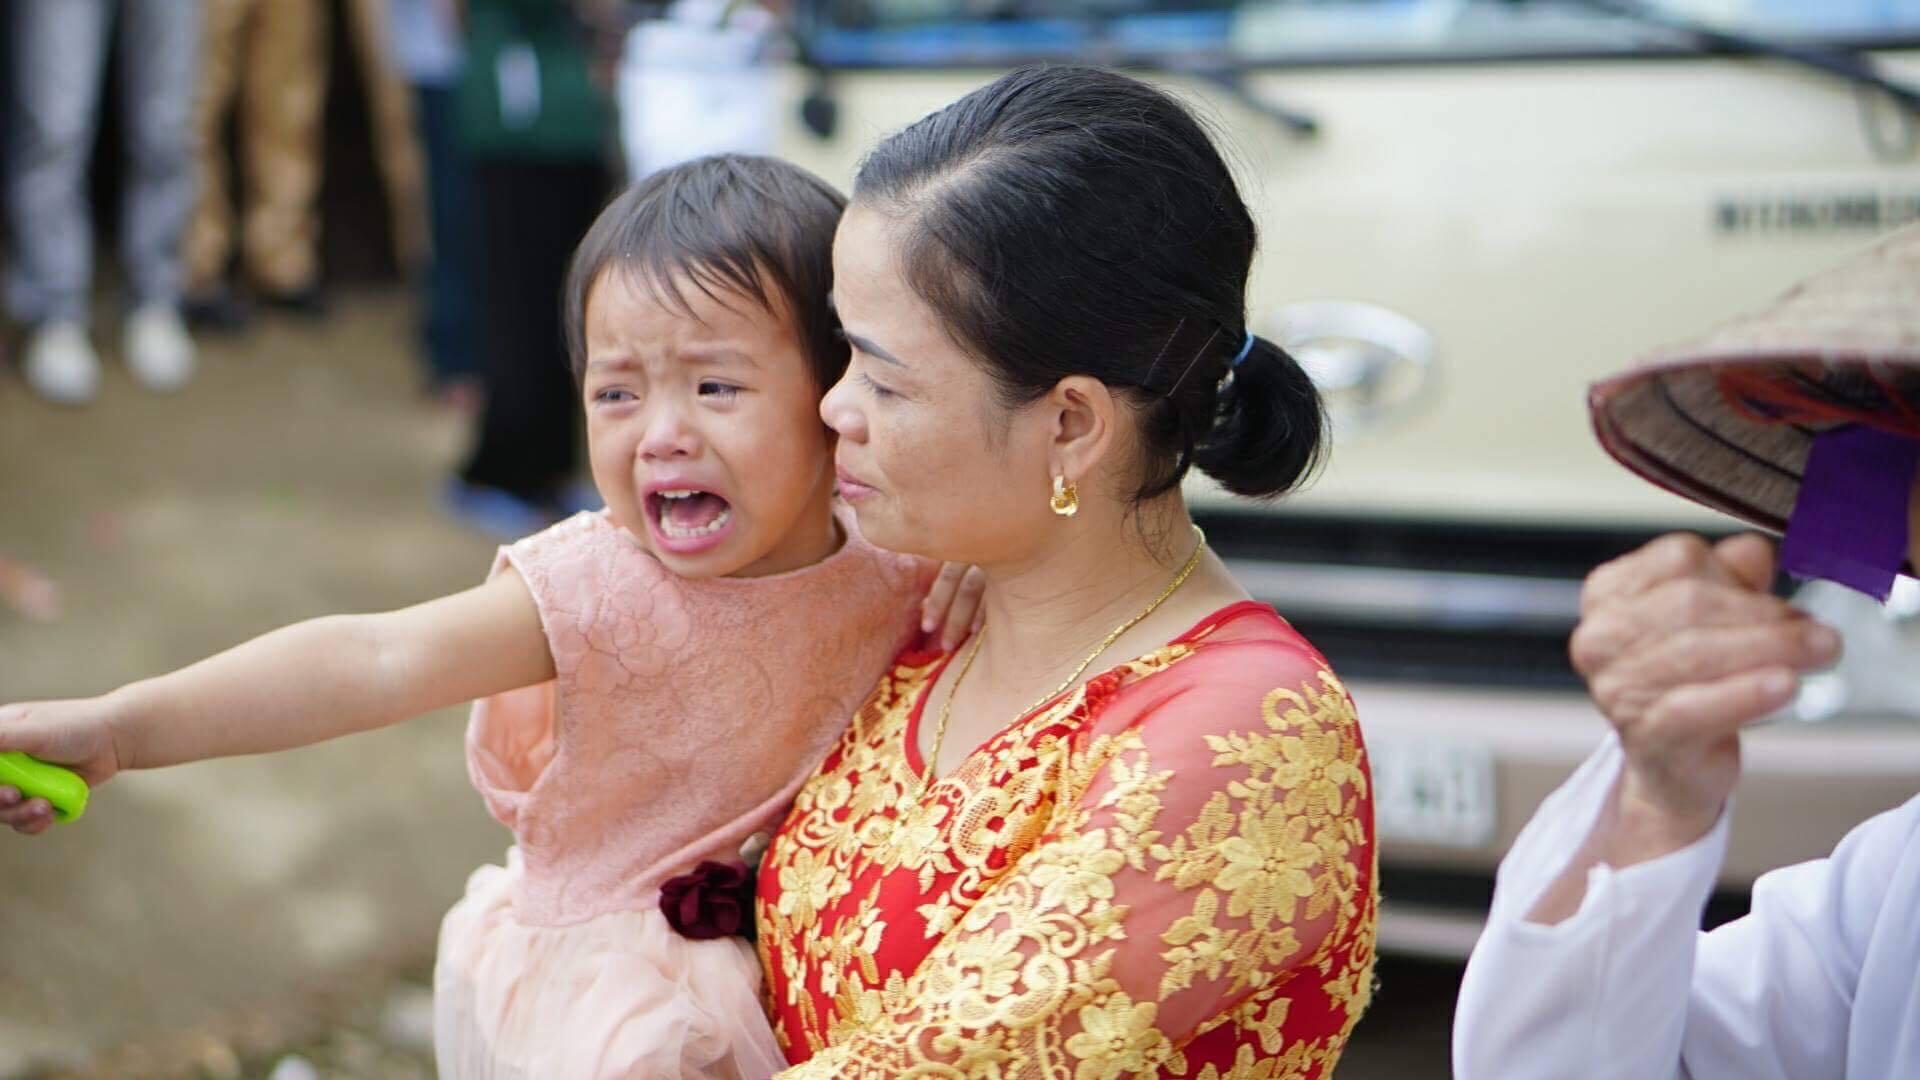 Cô em gái tên Linh khóc nức nở không nỡ rời xa chị